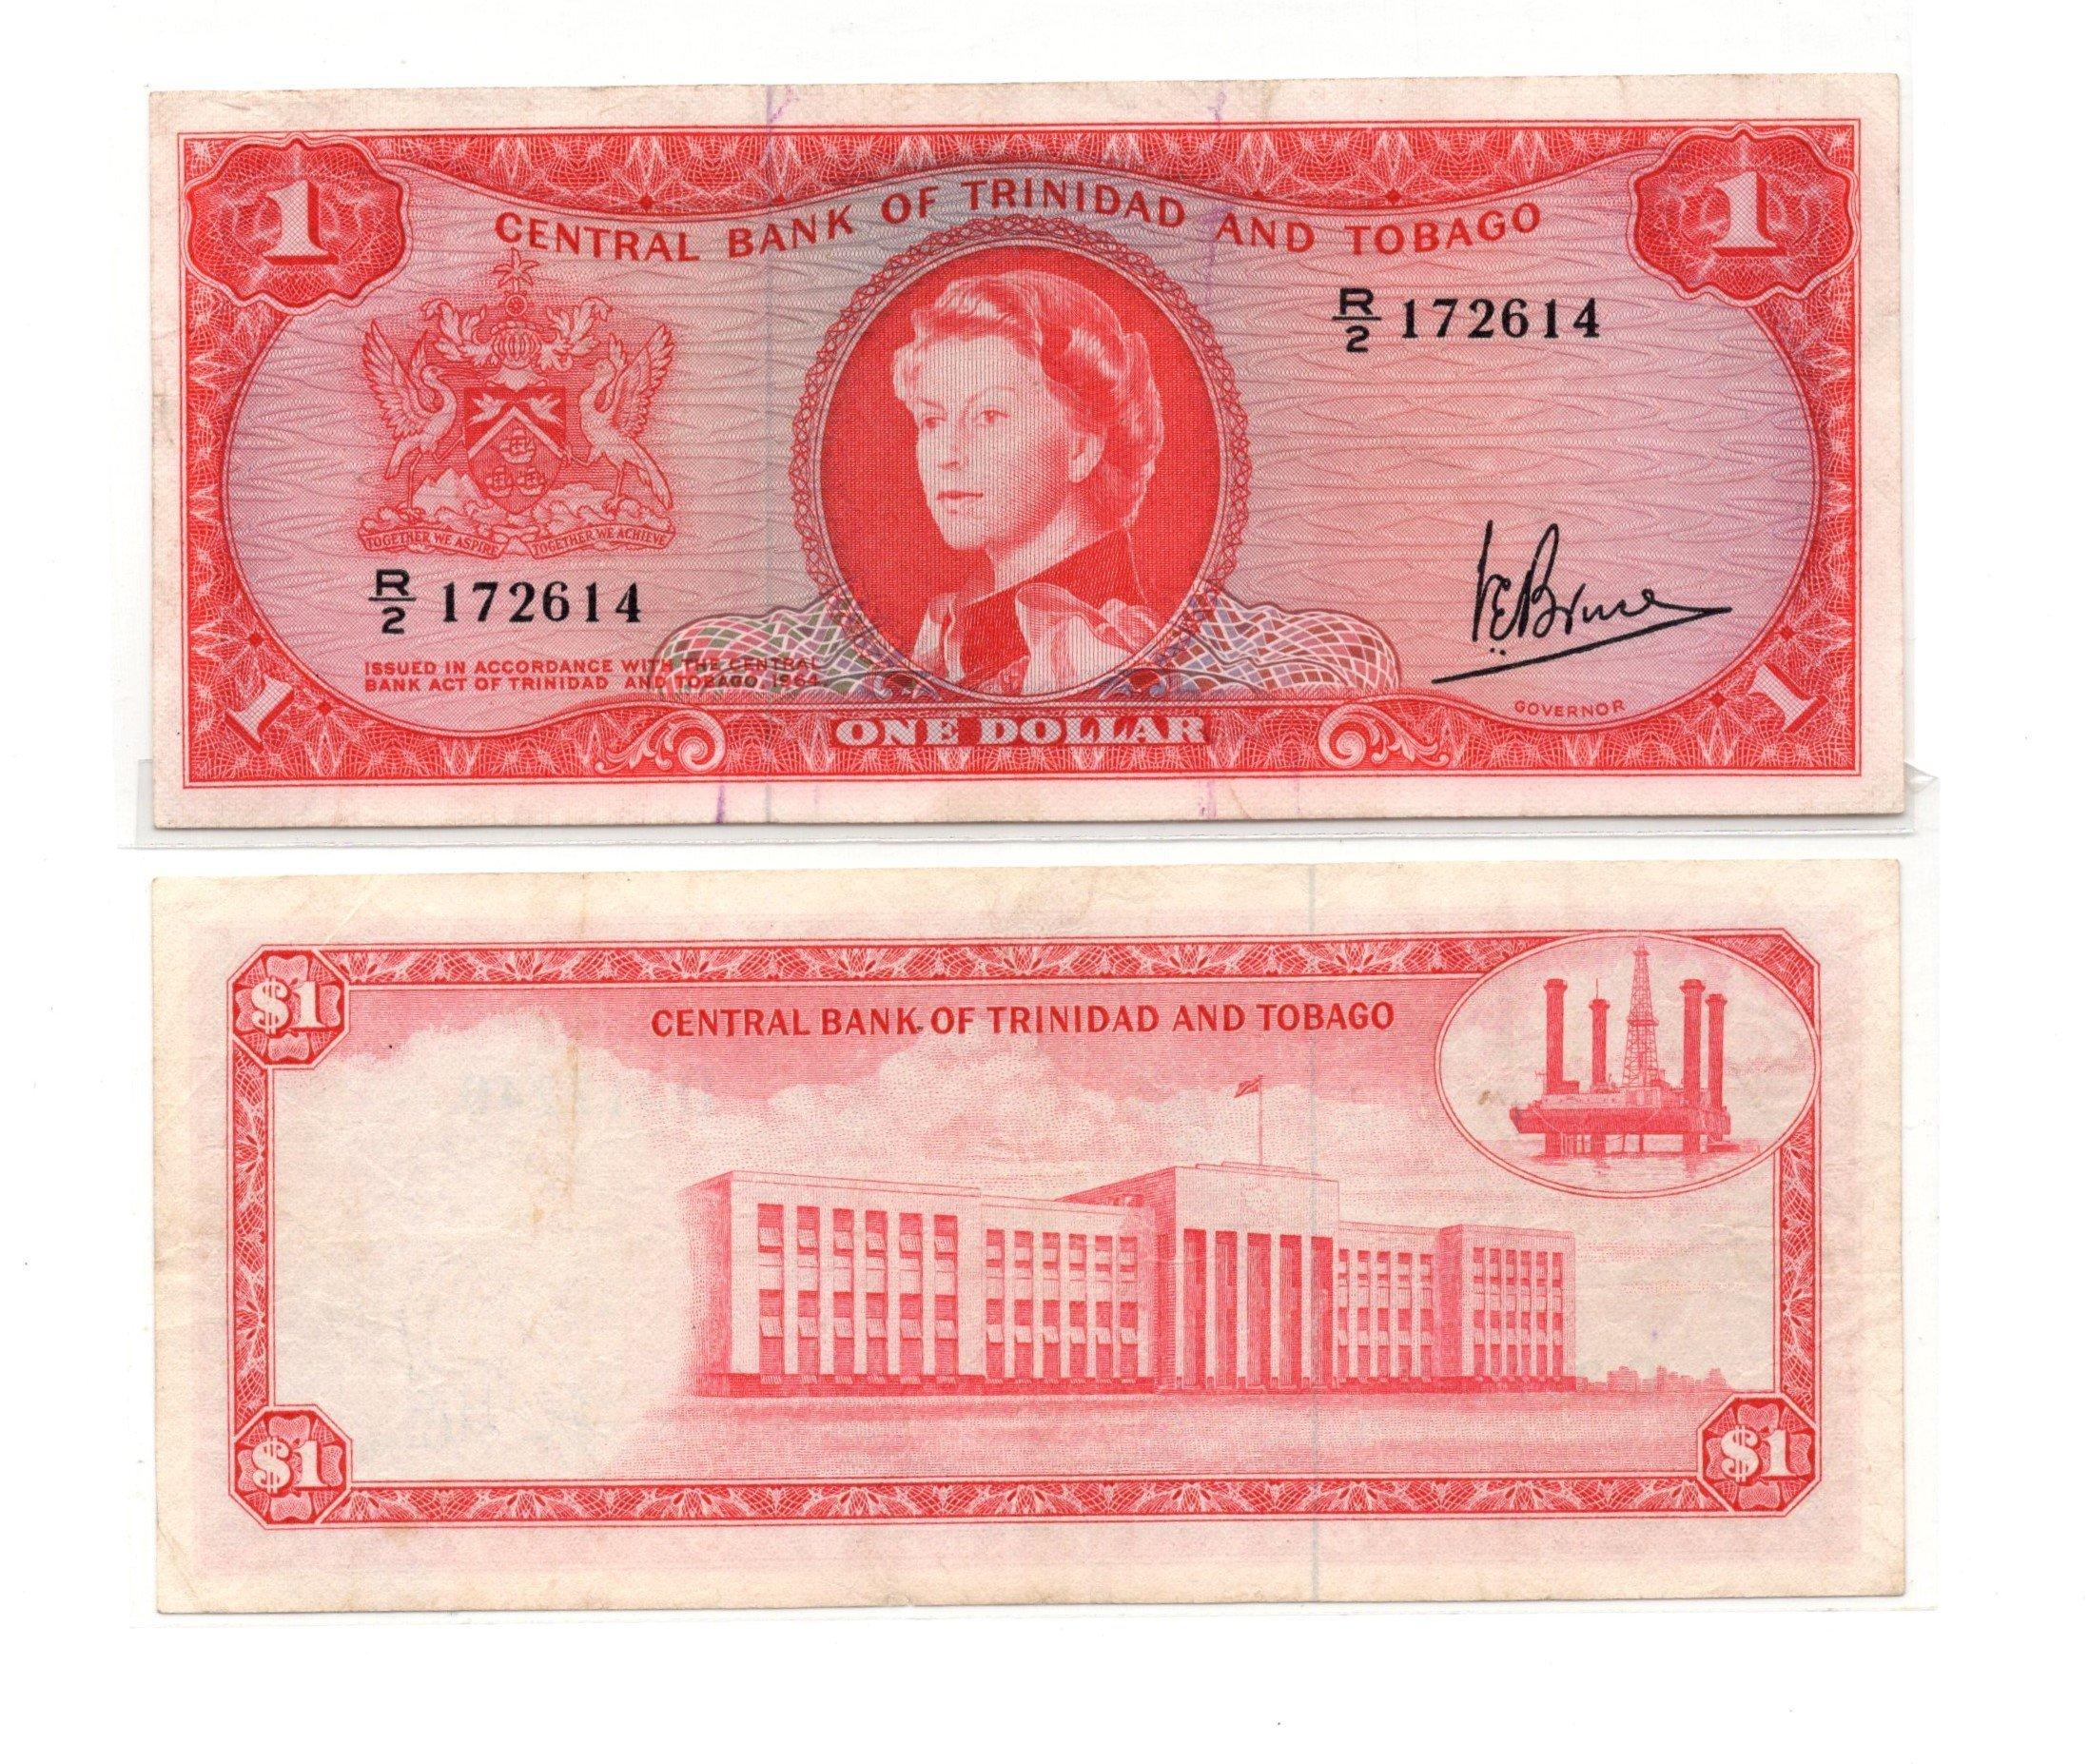 Trinidad and tobago 1 dollar